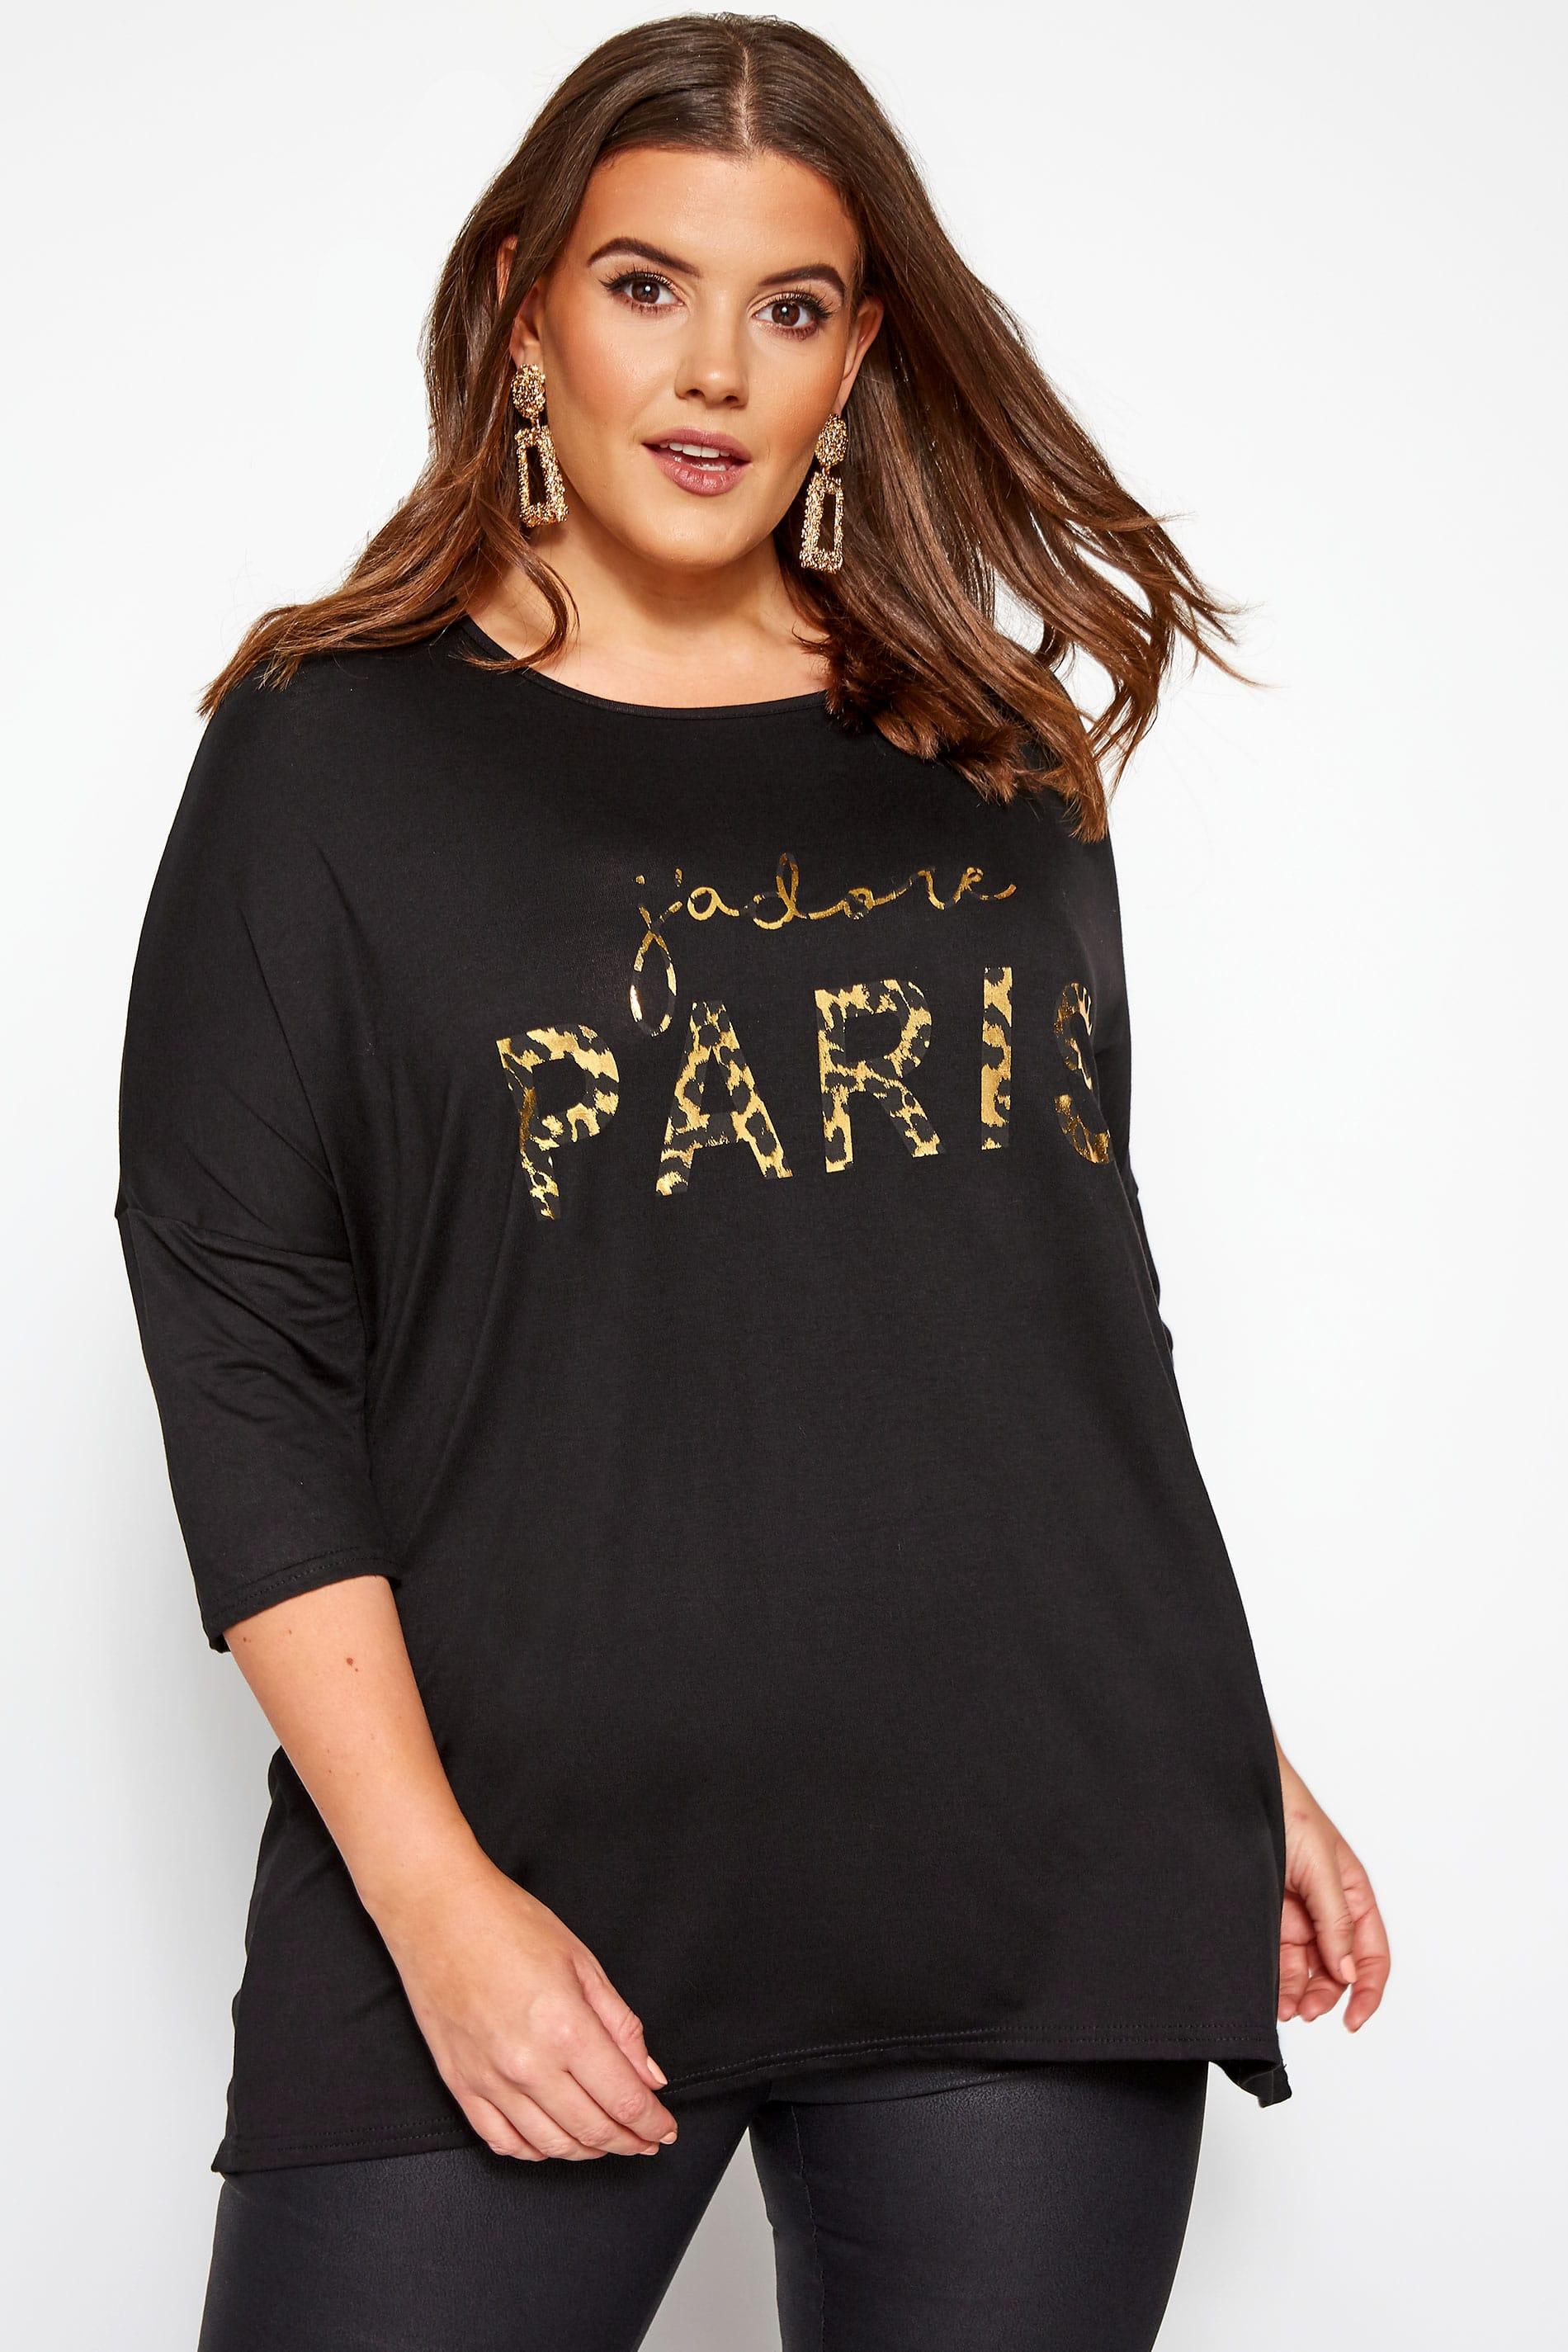 Black Leopard Foil 'J'adore Paris' Slogan T-Shirt